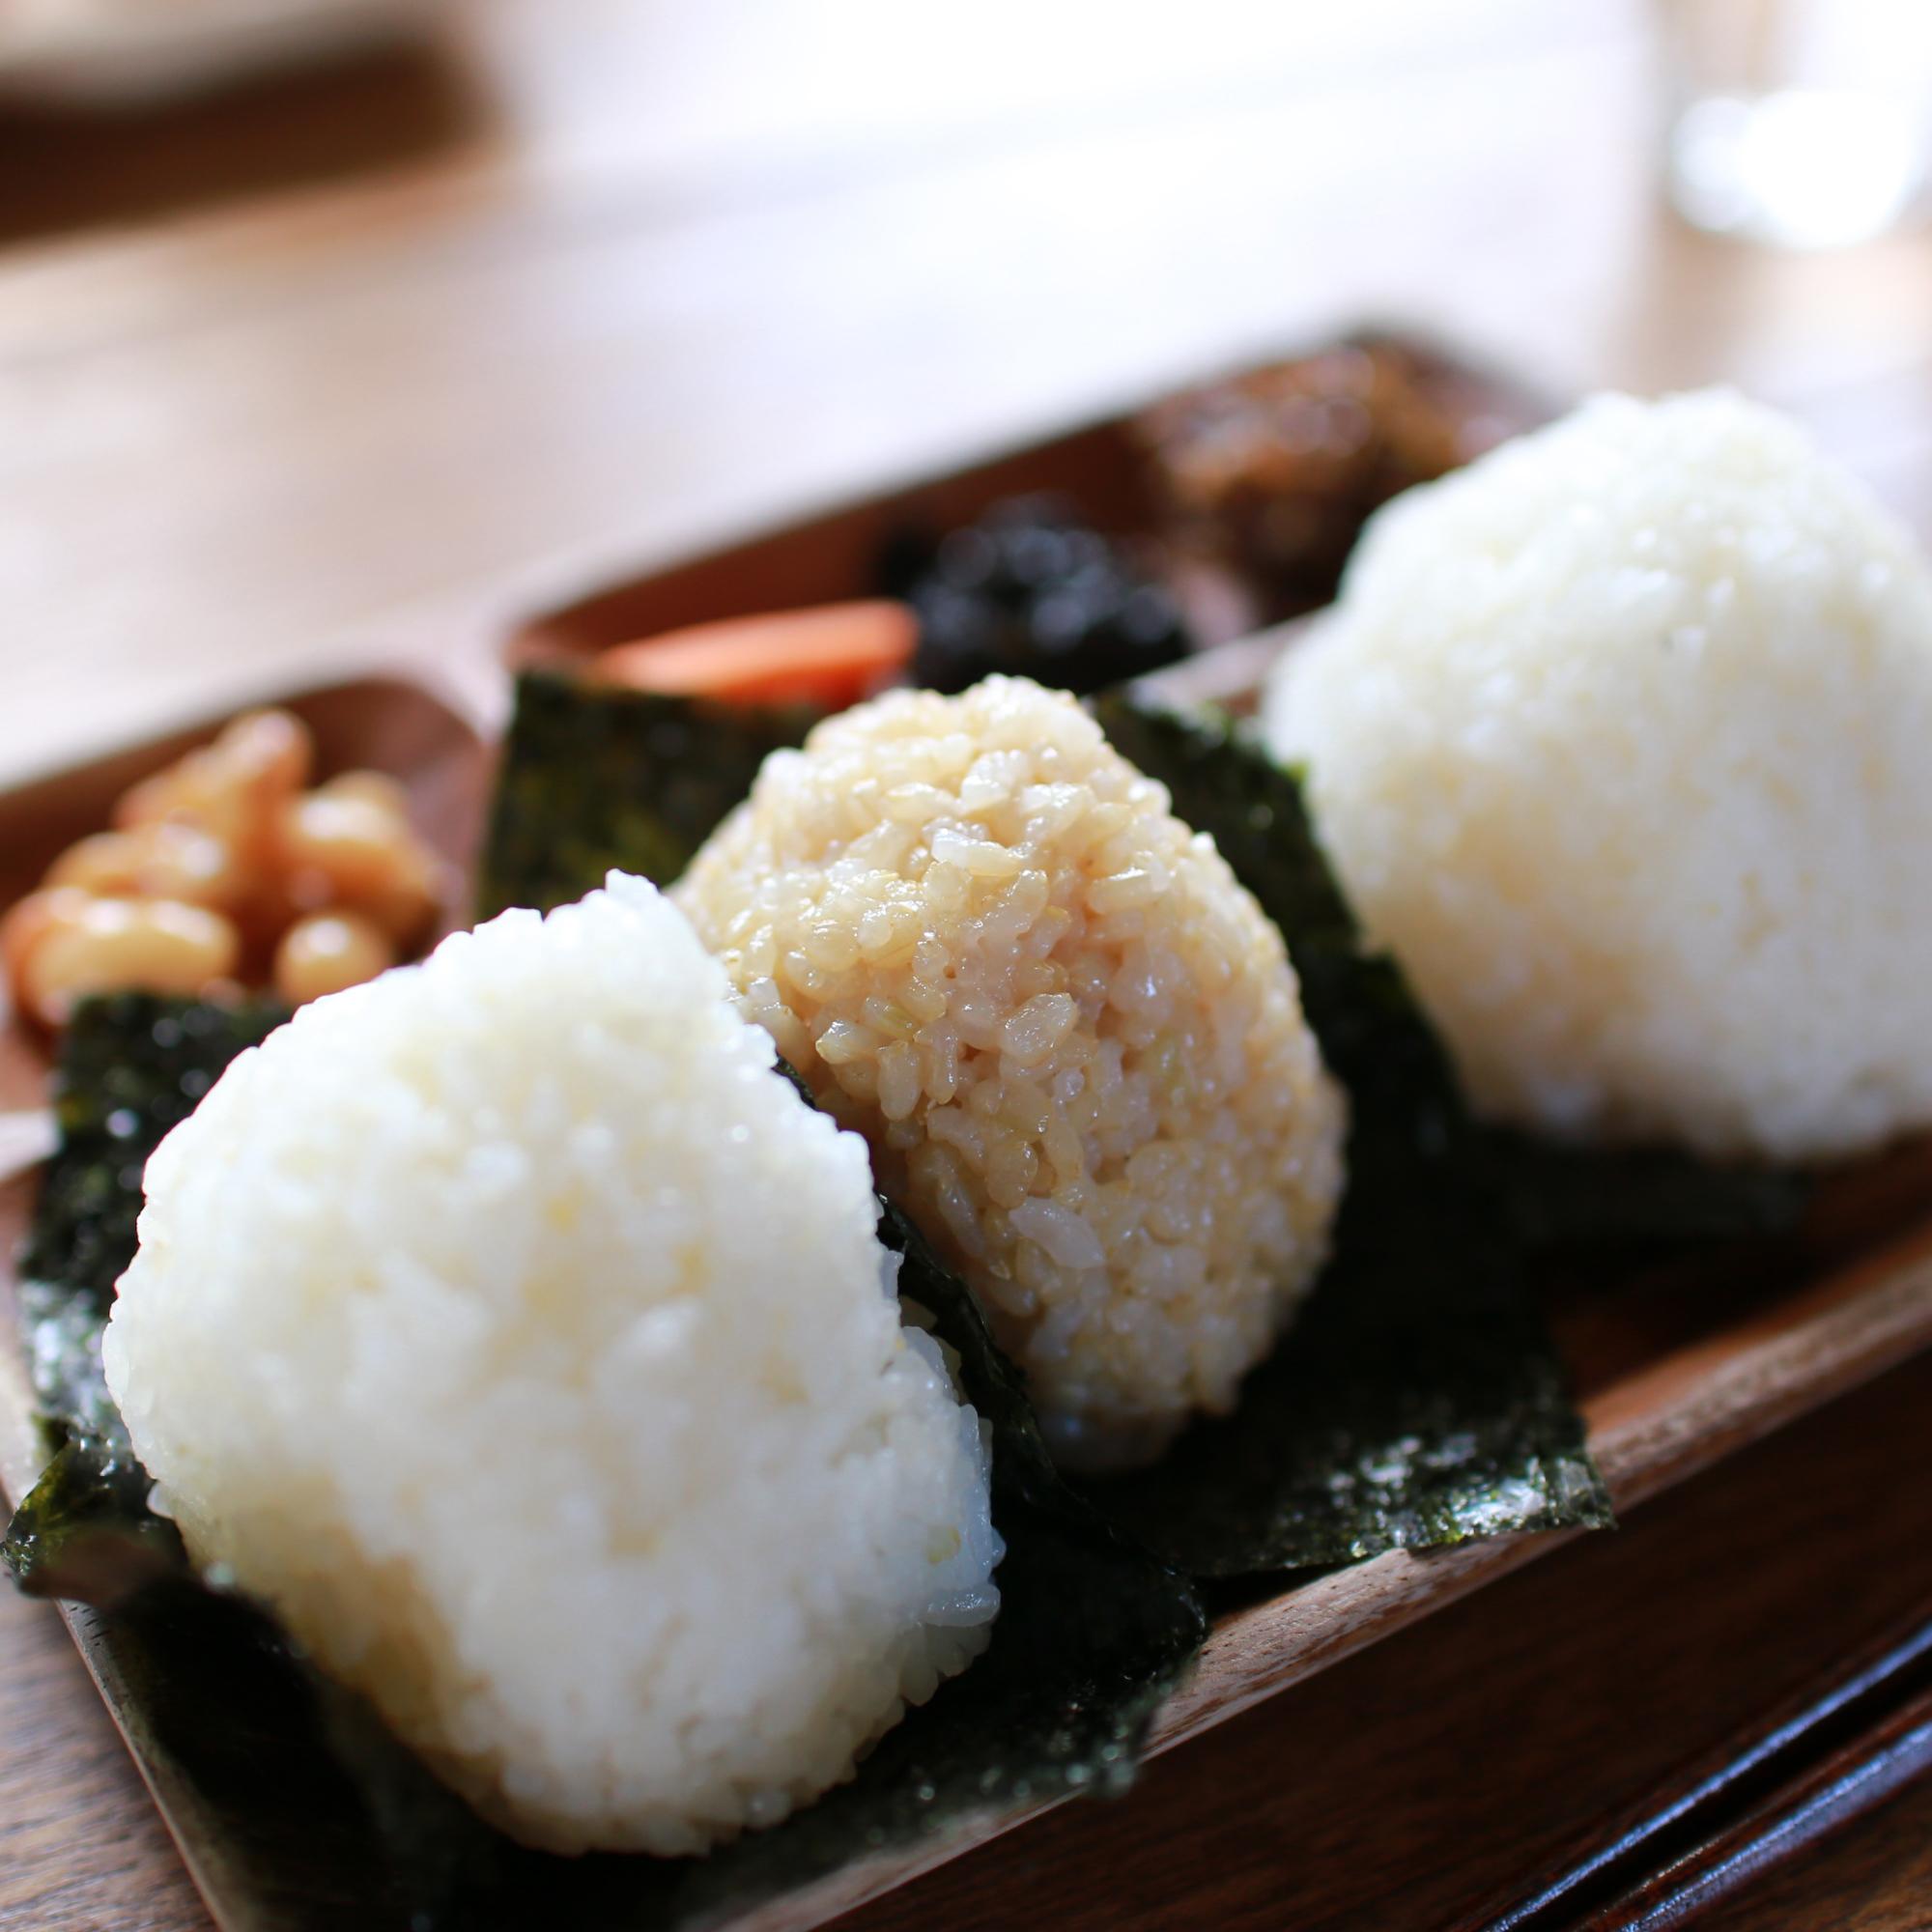 H30産 新米 こだわり栽培米 玄米 5kg